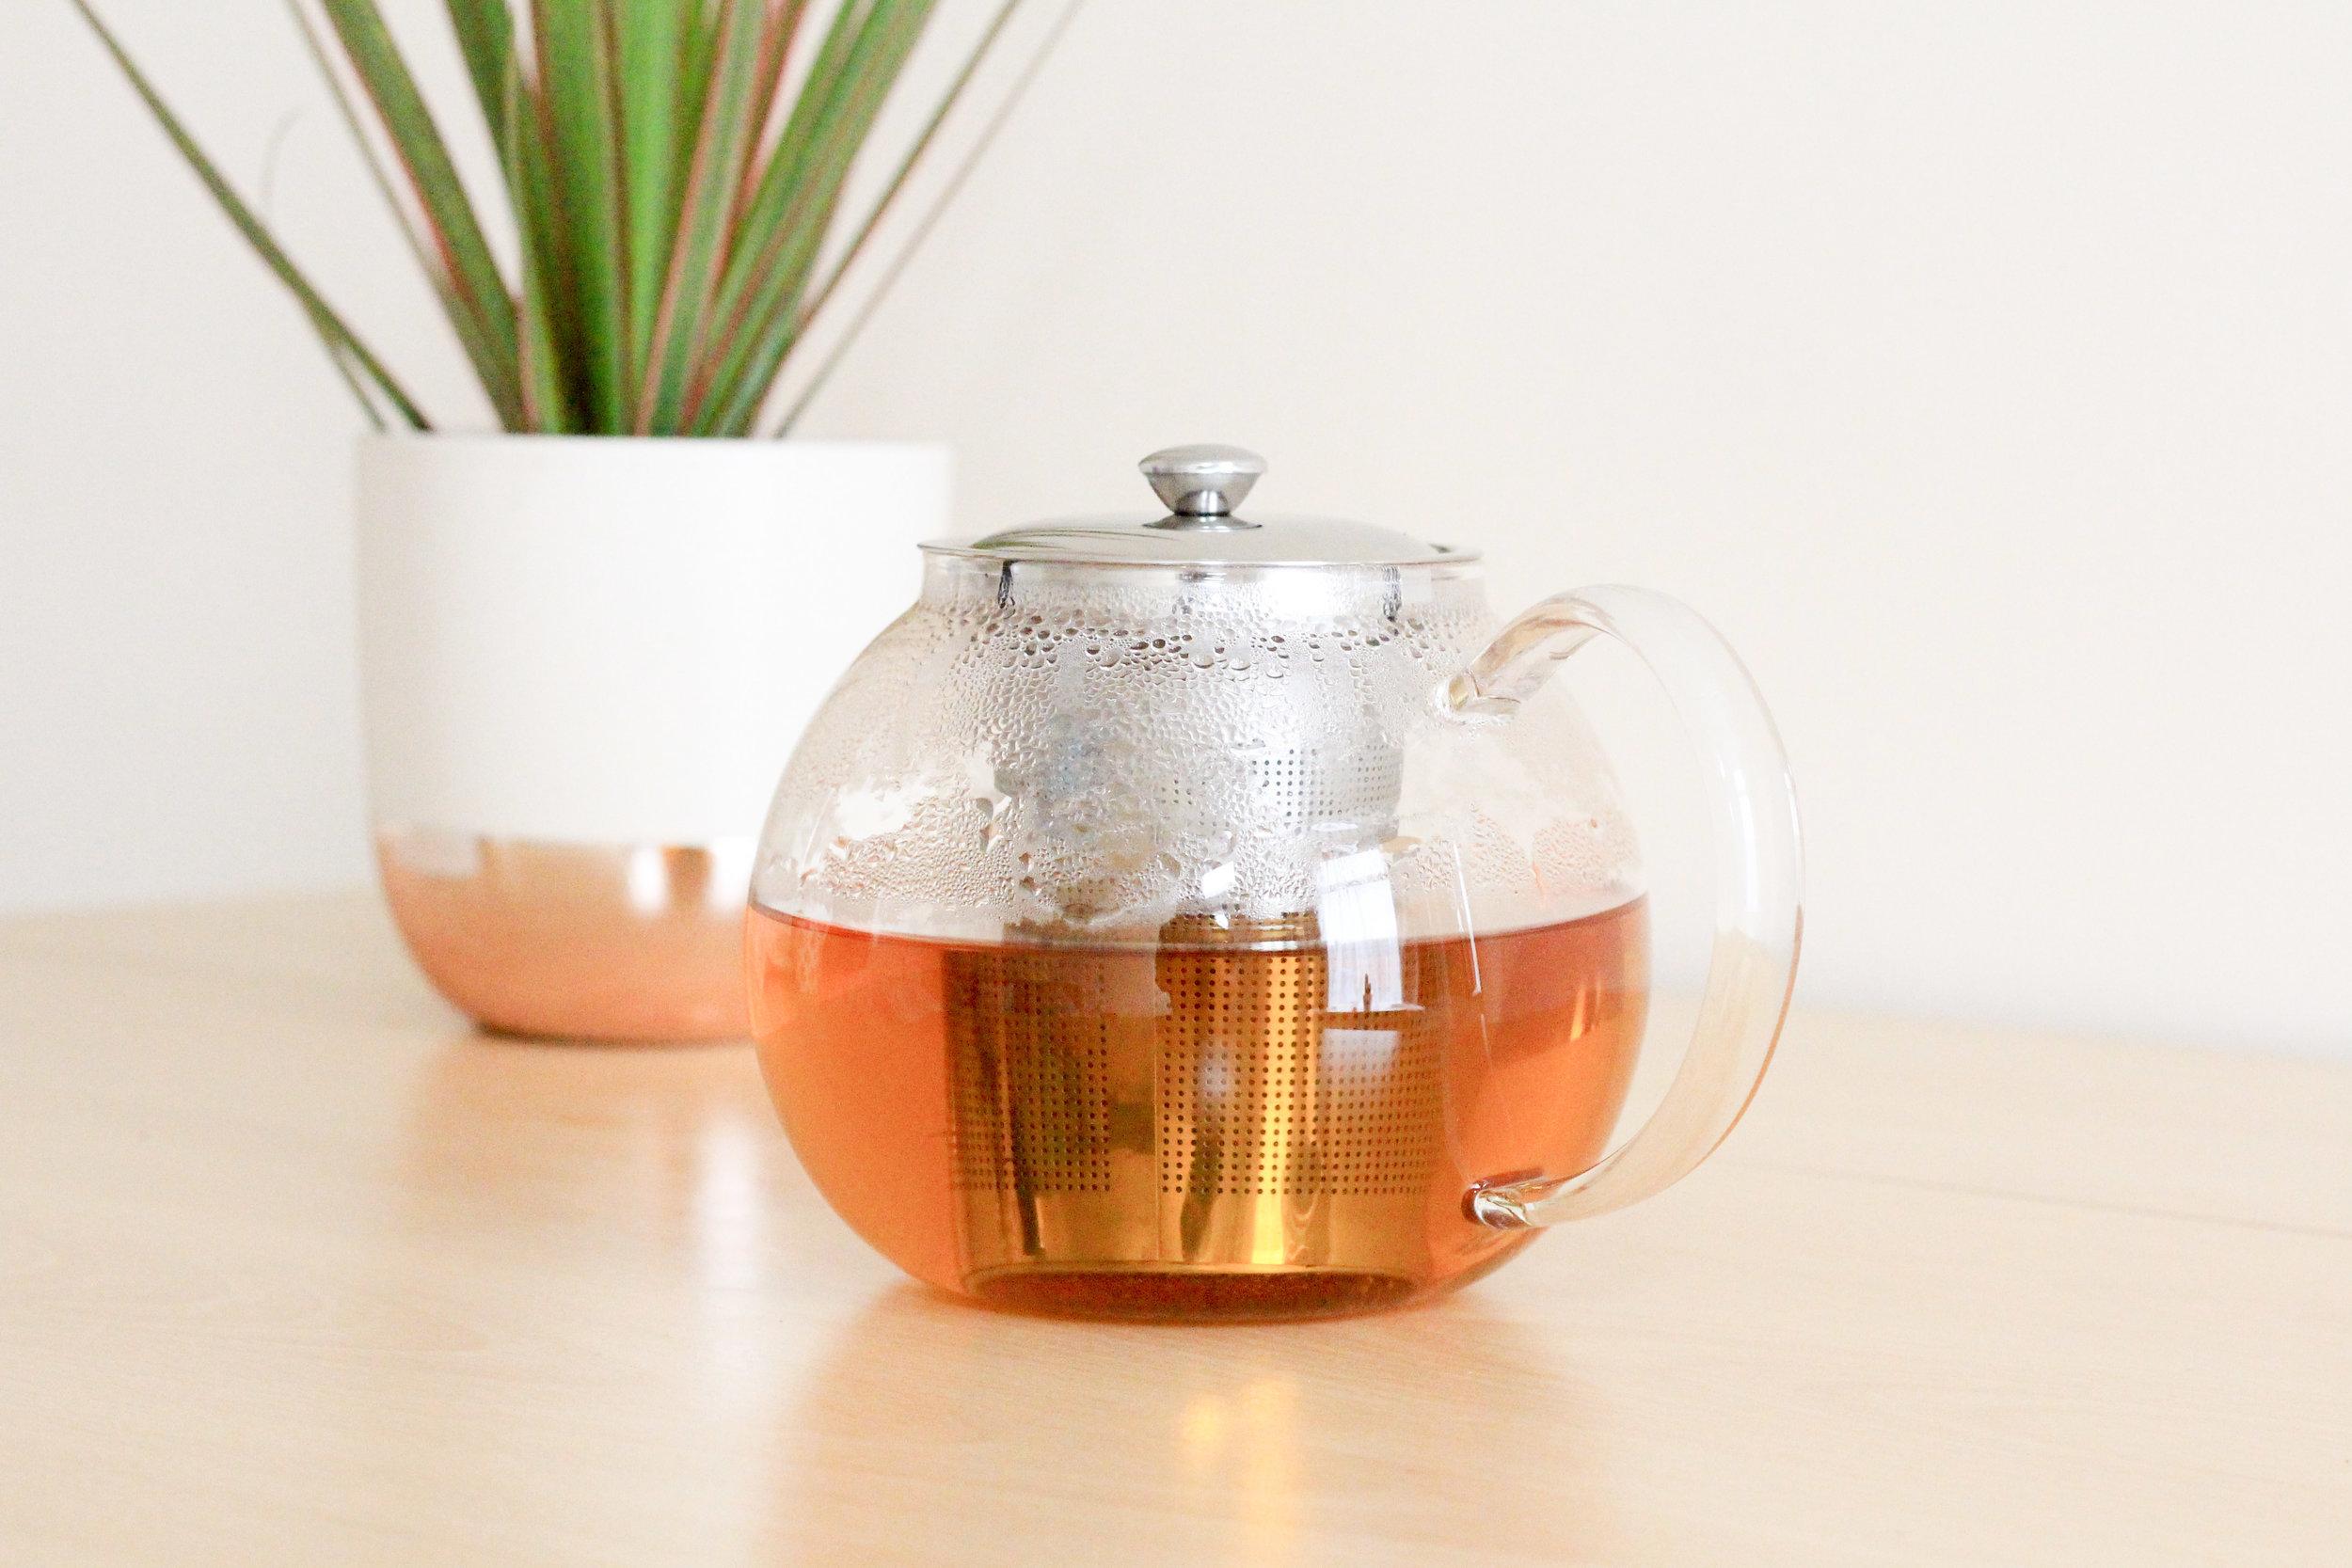 Title Image: The Tea Room Hull Glass Tea Pot Loose Leaf Tea